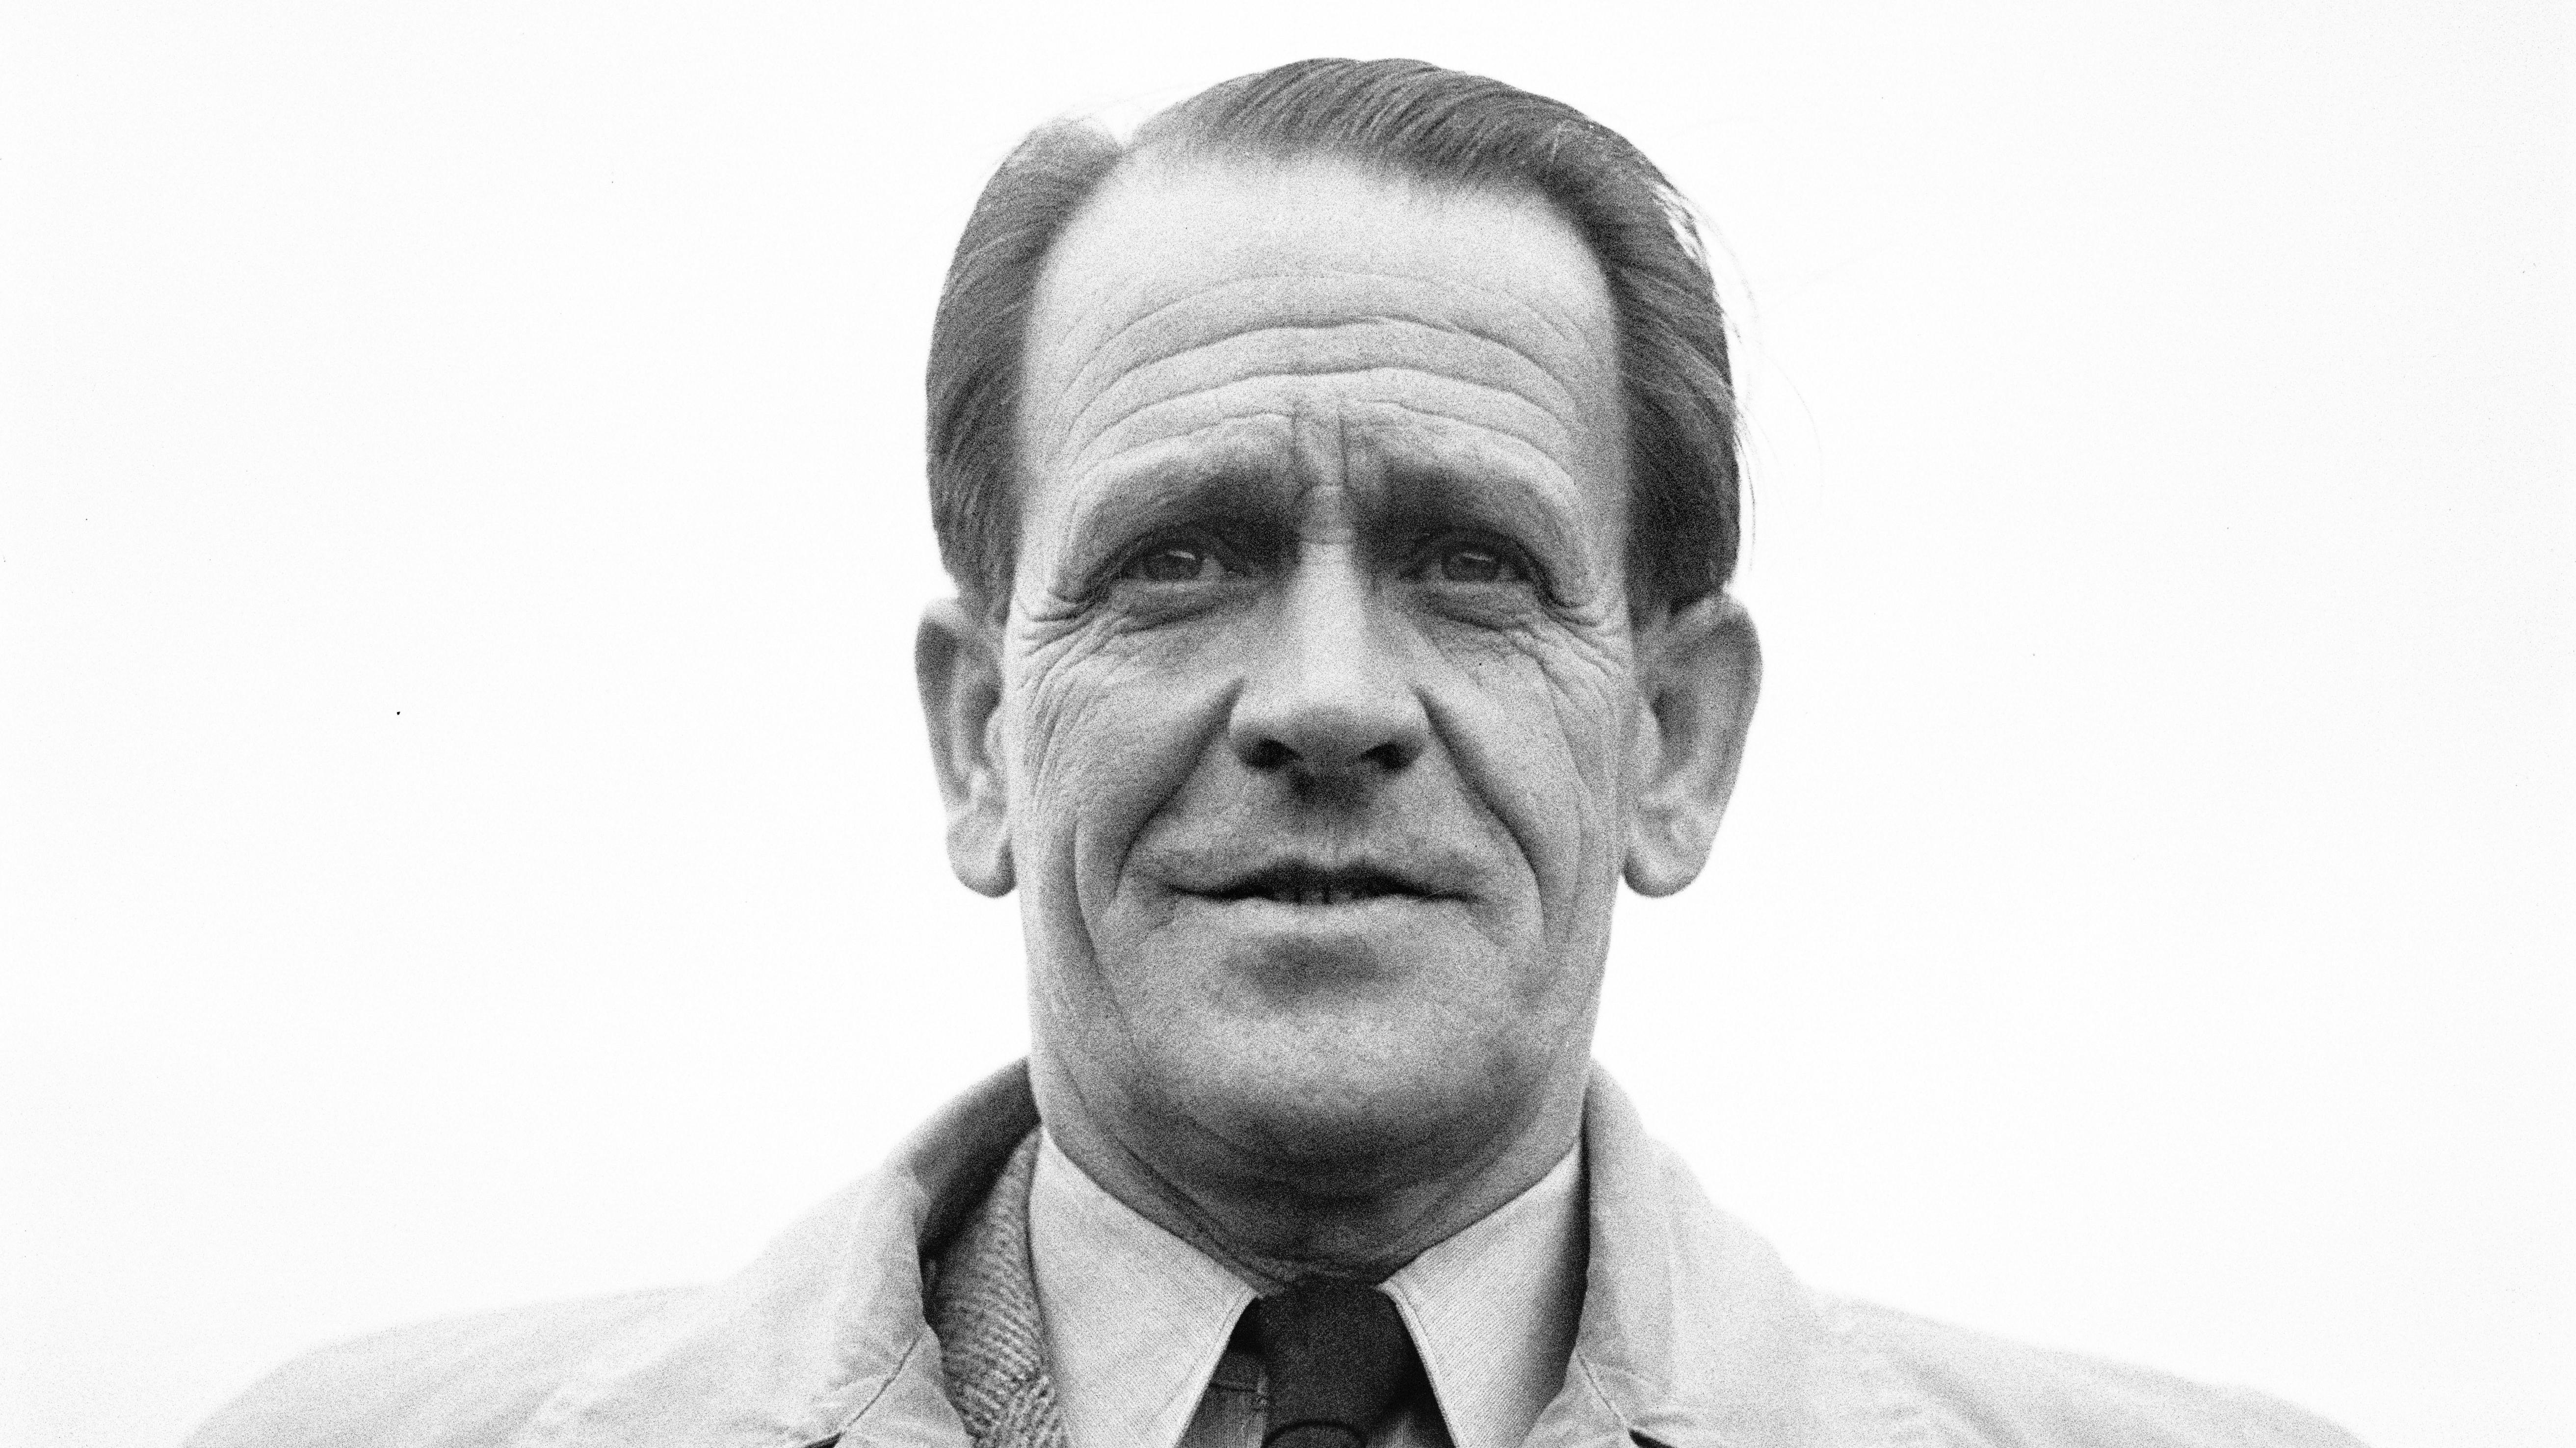 Bei den Trainern erhielt Sepp Herberger, der die Nationalmannschaft 1954 sensationell zum ersten WM-Titel geführt hatte, die meisten Stimmen der Sportjournalisten-Jury